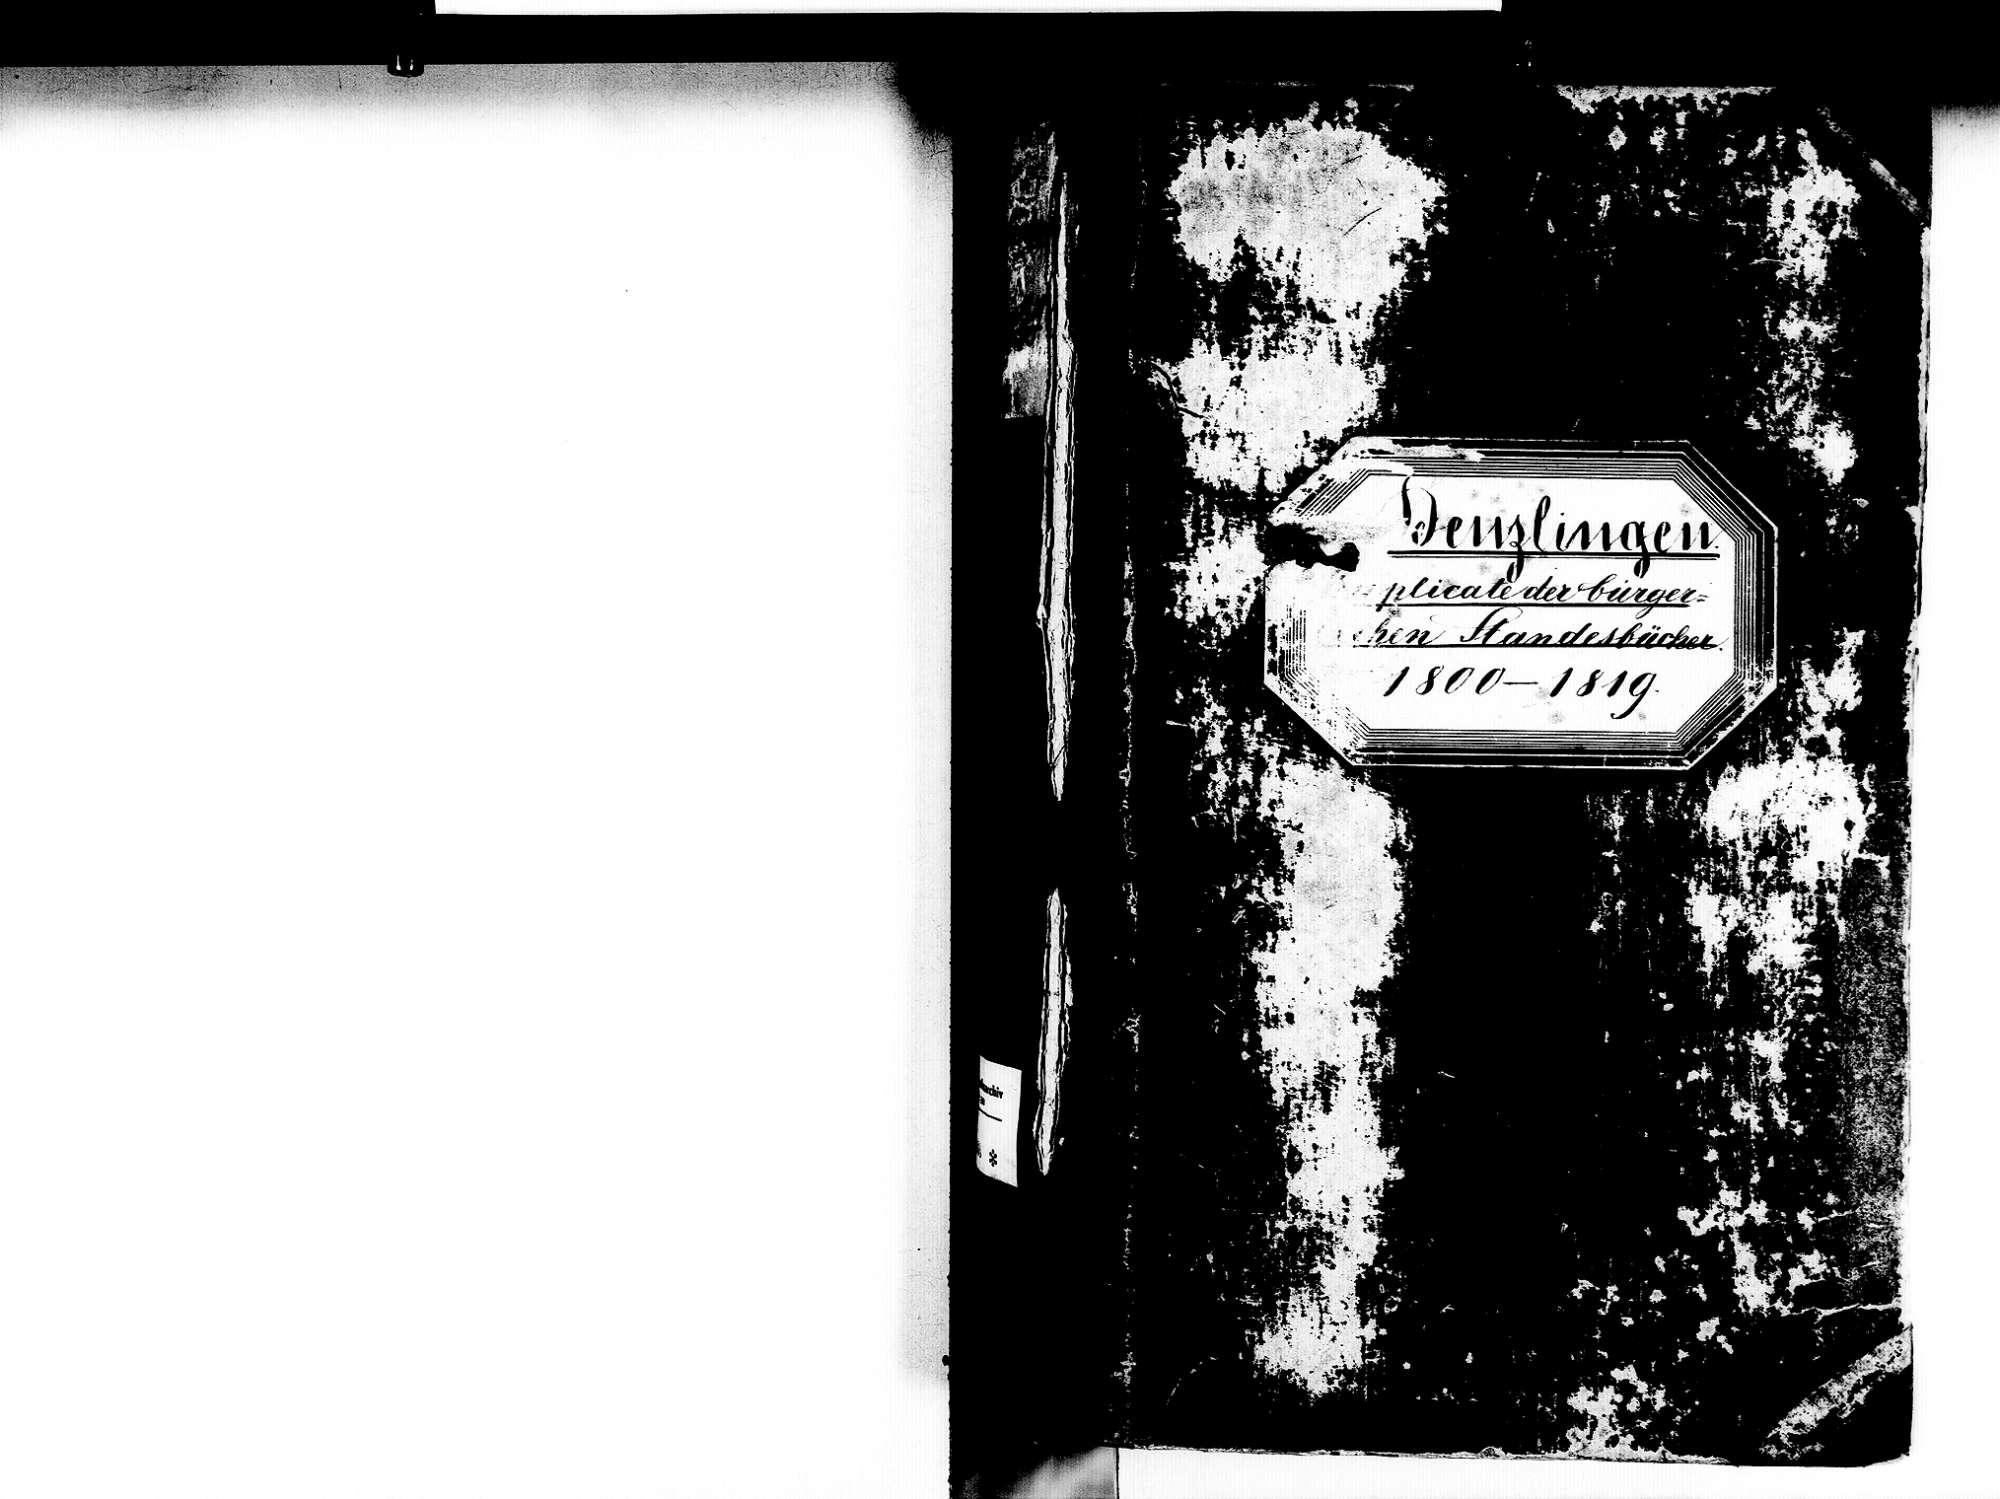 Denzlingen EM; Evangelische Gemeinde: Standesbuch 1800-1819, Bild 2